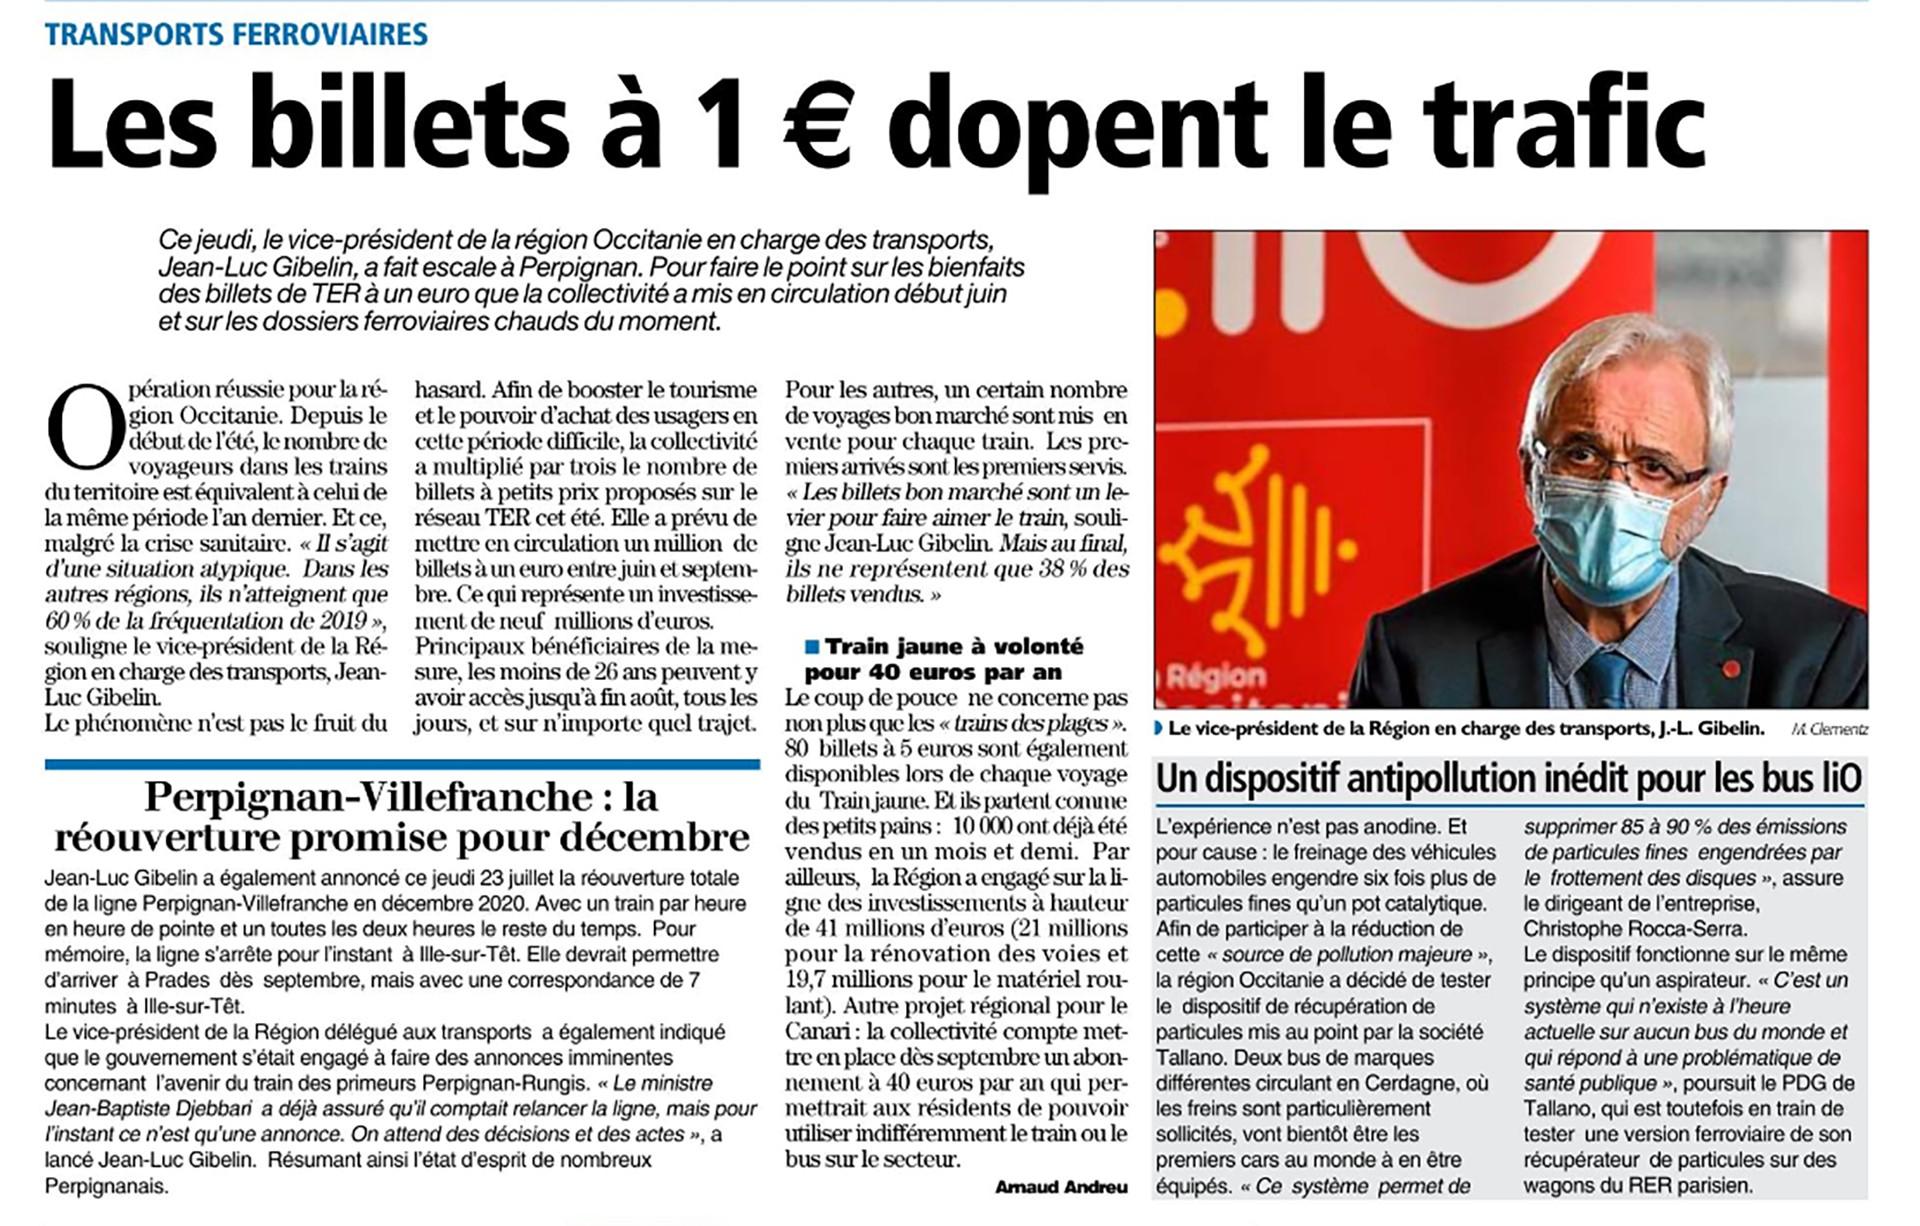 Article independant 24 07 2020 abonnements train jaune annonce reouverture integrale ligne perpignan villefranche de conflent